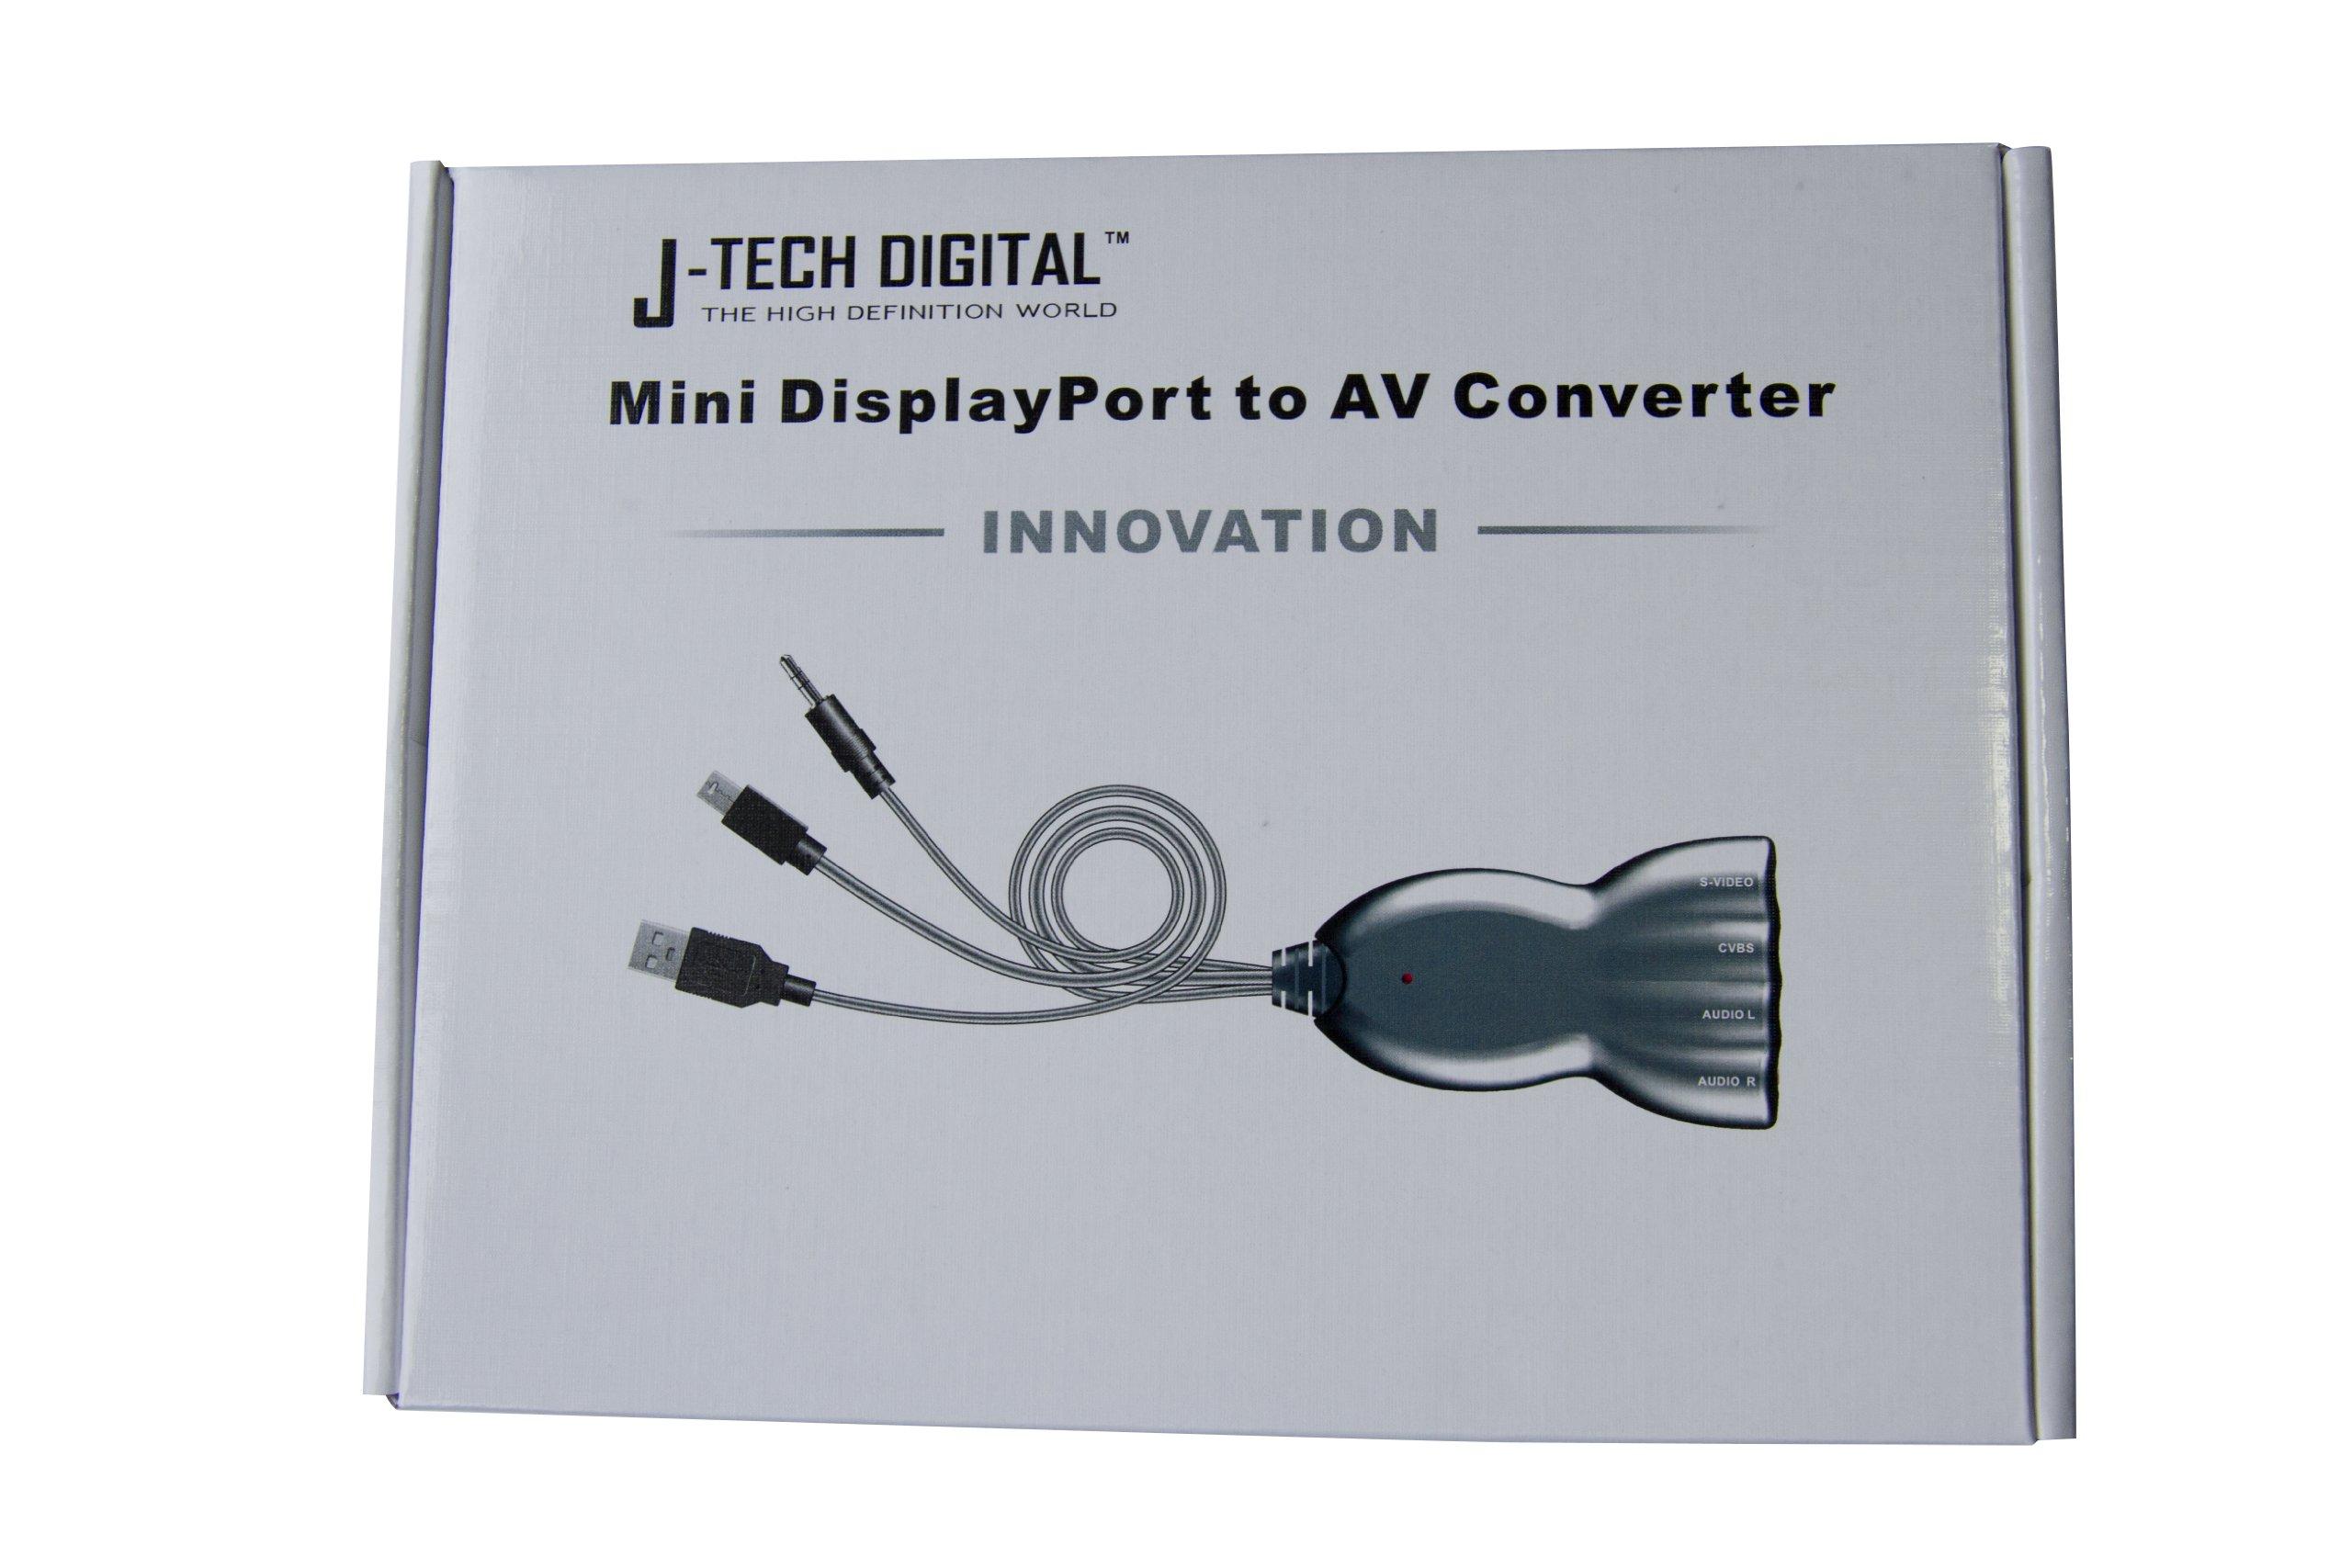 J-Tech Digital Mini DisplayPort to AV Converter